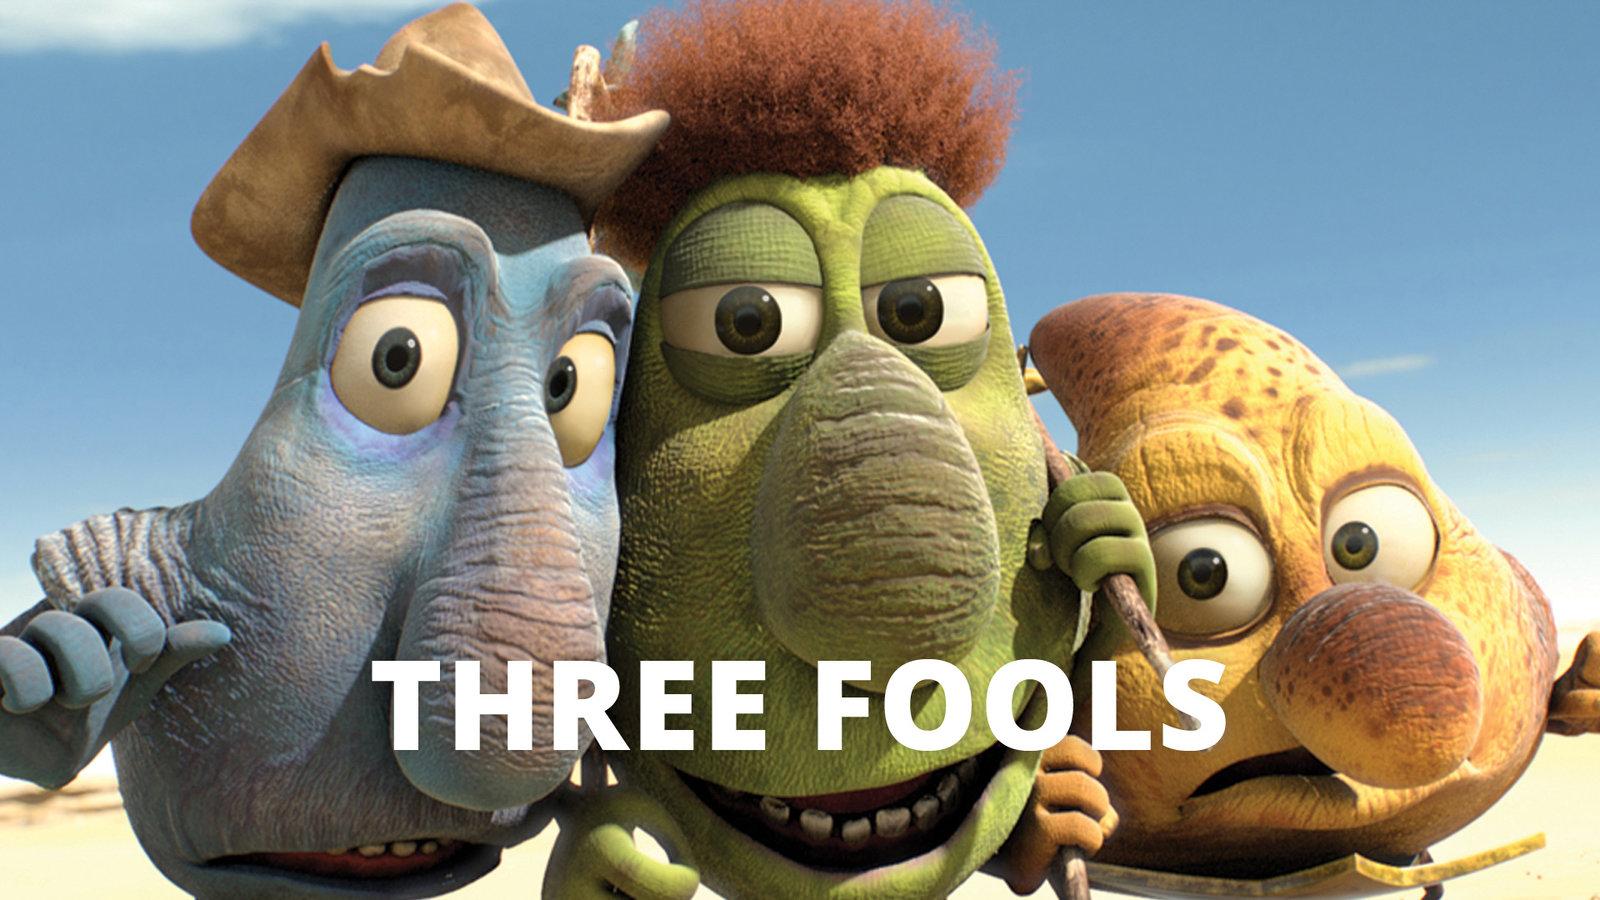 Three Fools